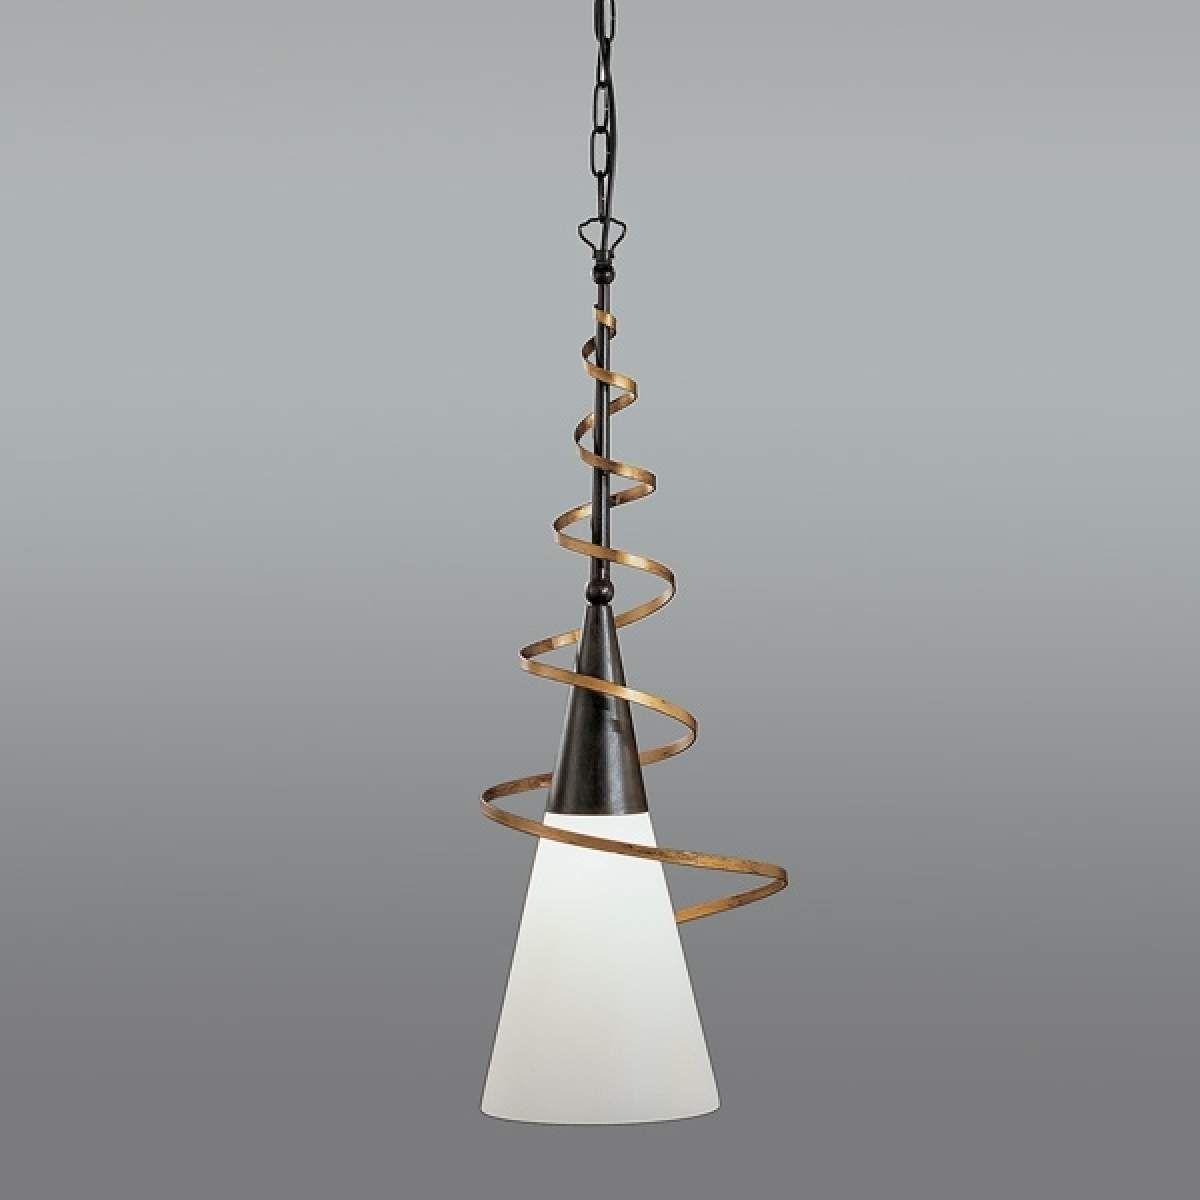 Pendelleuchte Bonito Rost Antik 75 Cm Von Kogl Pendelleuchte Schone Lampen Und Wandlampen